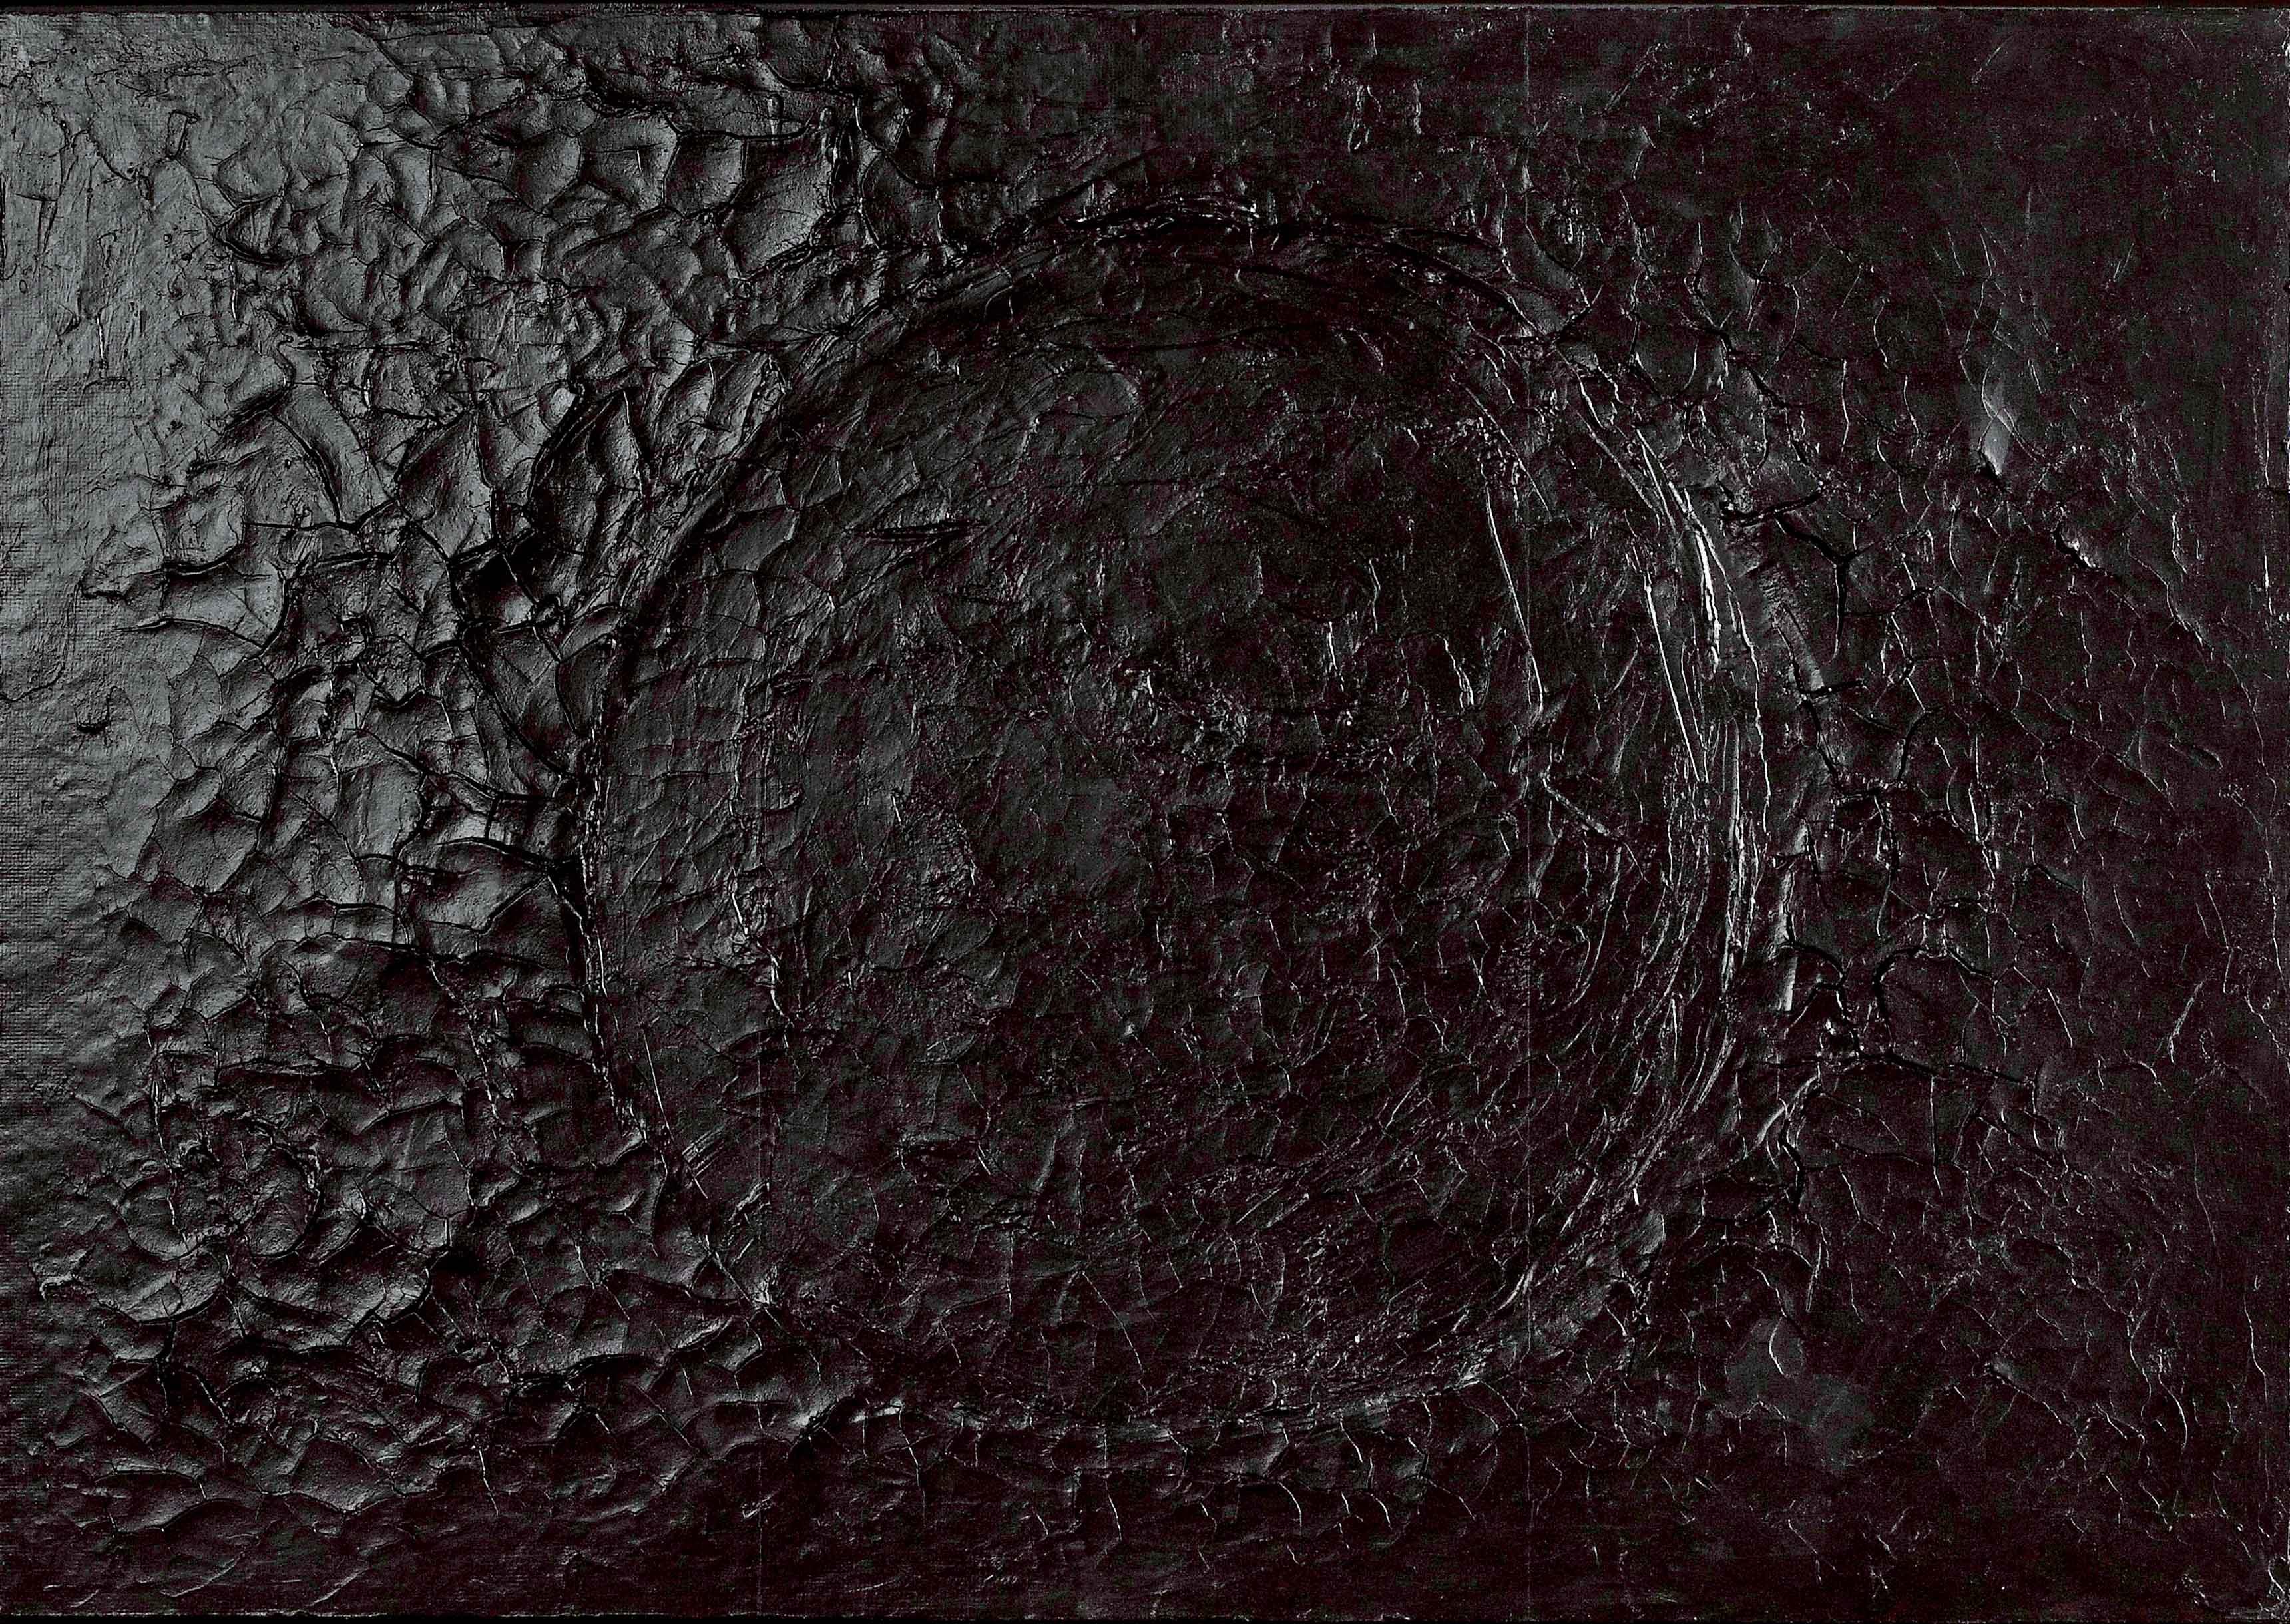 Nerro Cretto (1970), d'Alberto Burri. Acrovinyl sur Celotex, 70 x 103 cm.